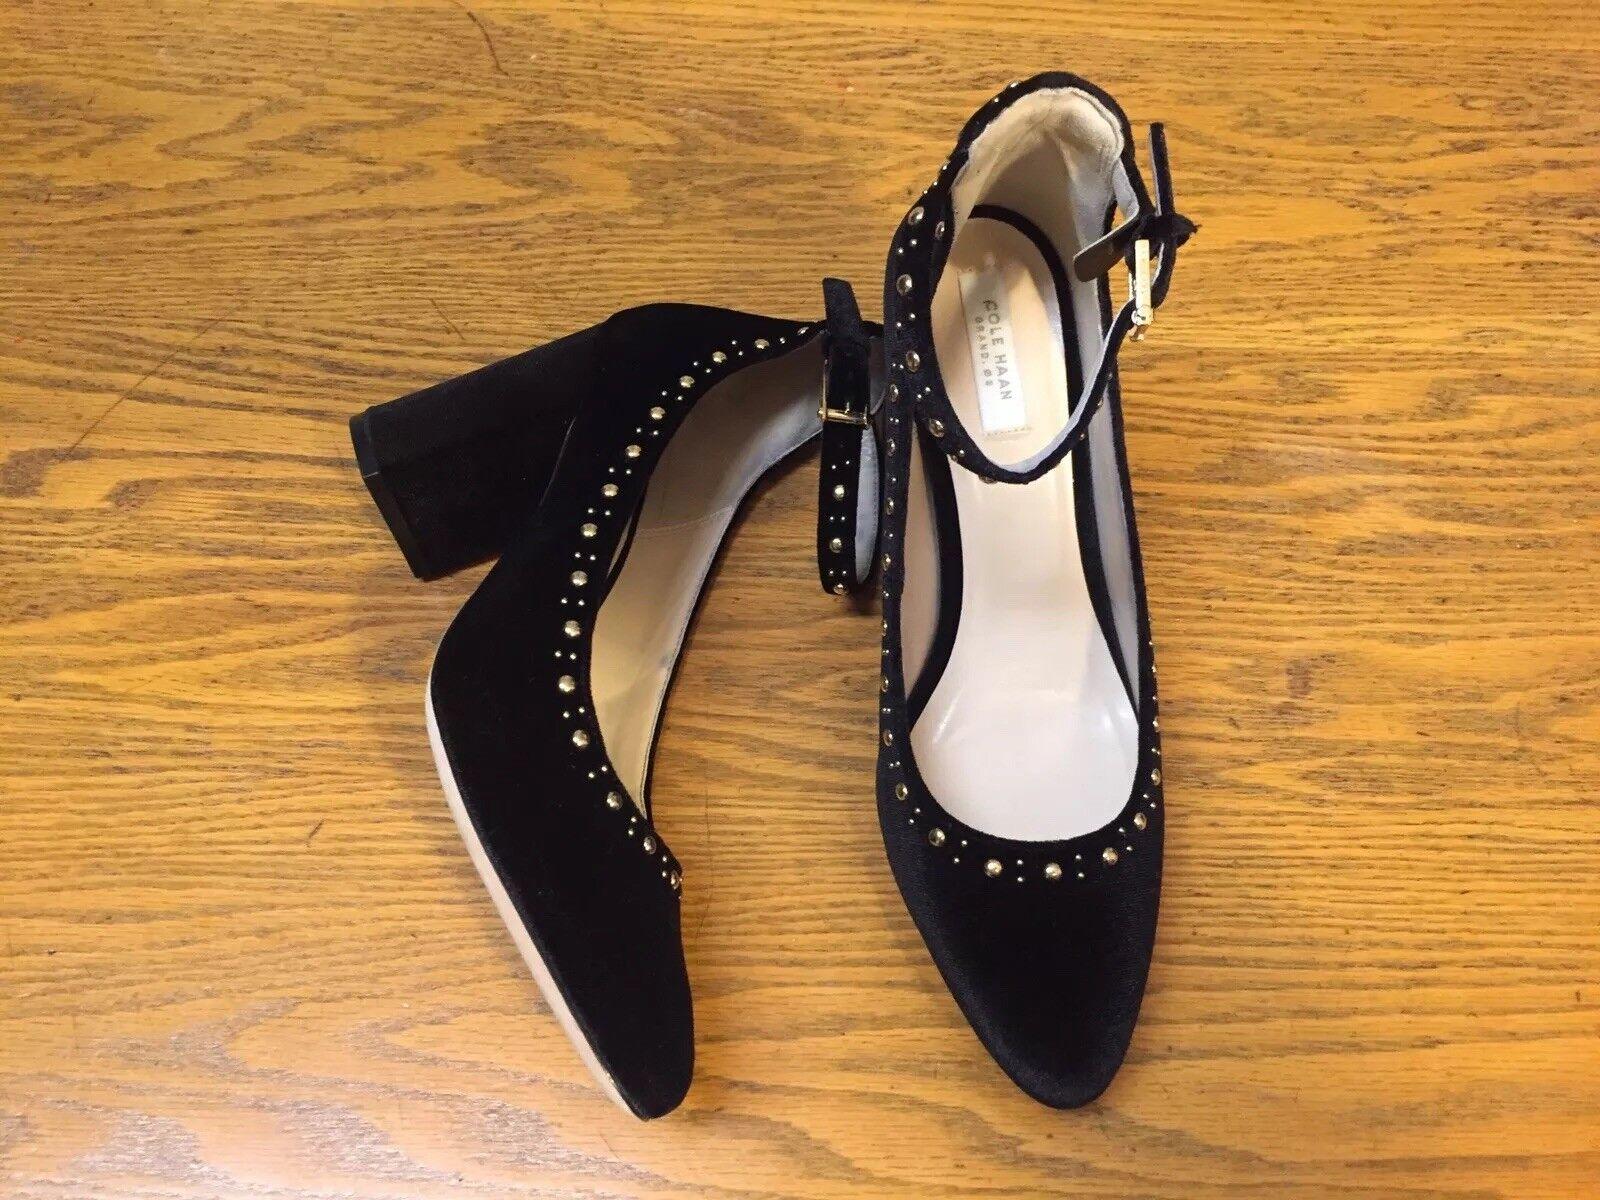 Cole Haan Larue velours Clous Bride Cheville Talon chaussures Nouveau Taille 7.5